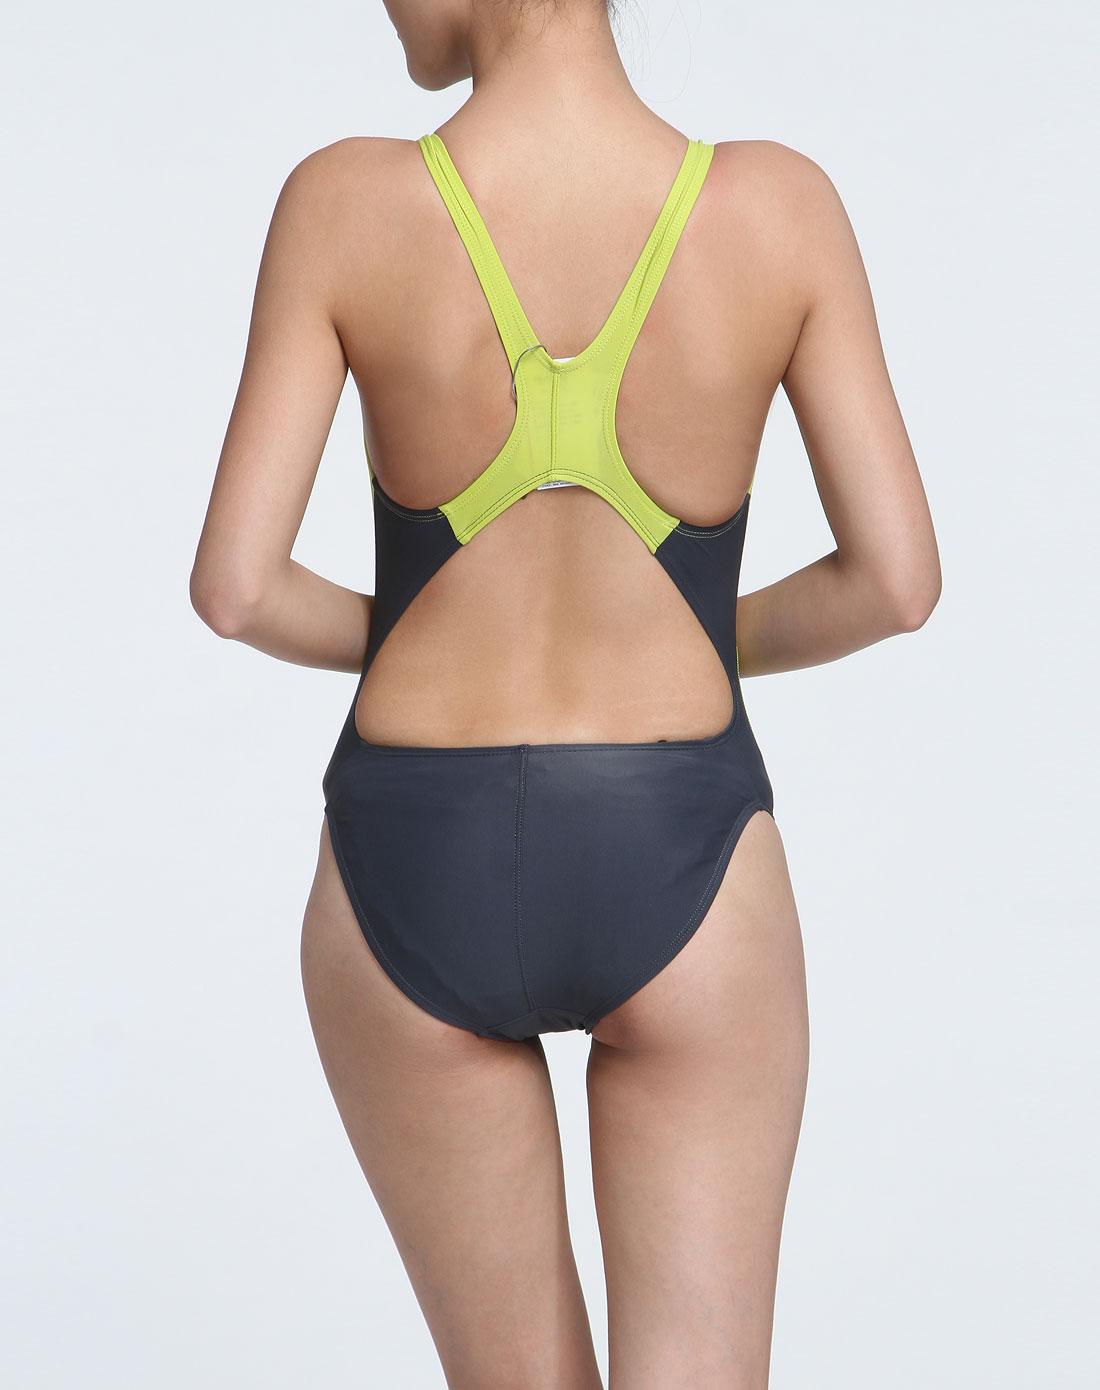 [ 海浪 ] 女款灰/黄色弹力贴身连体泳衣